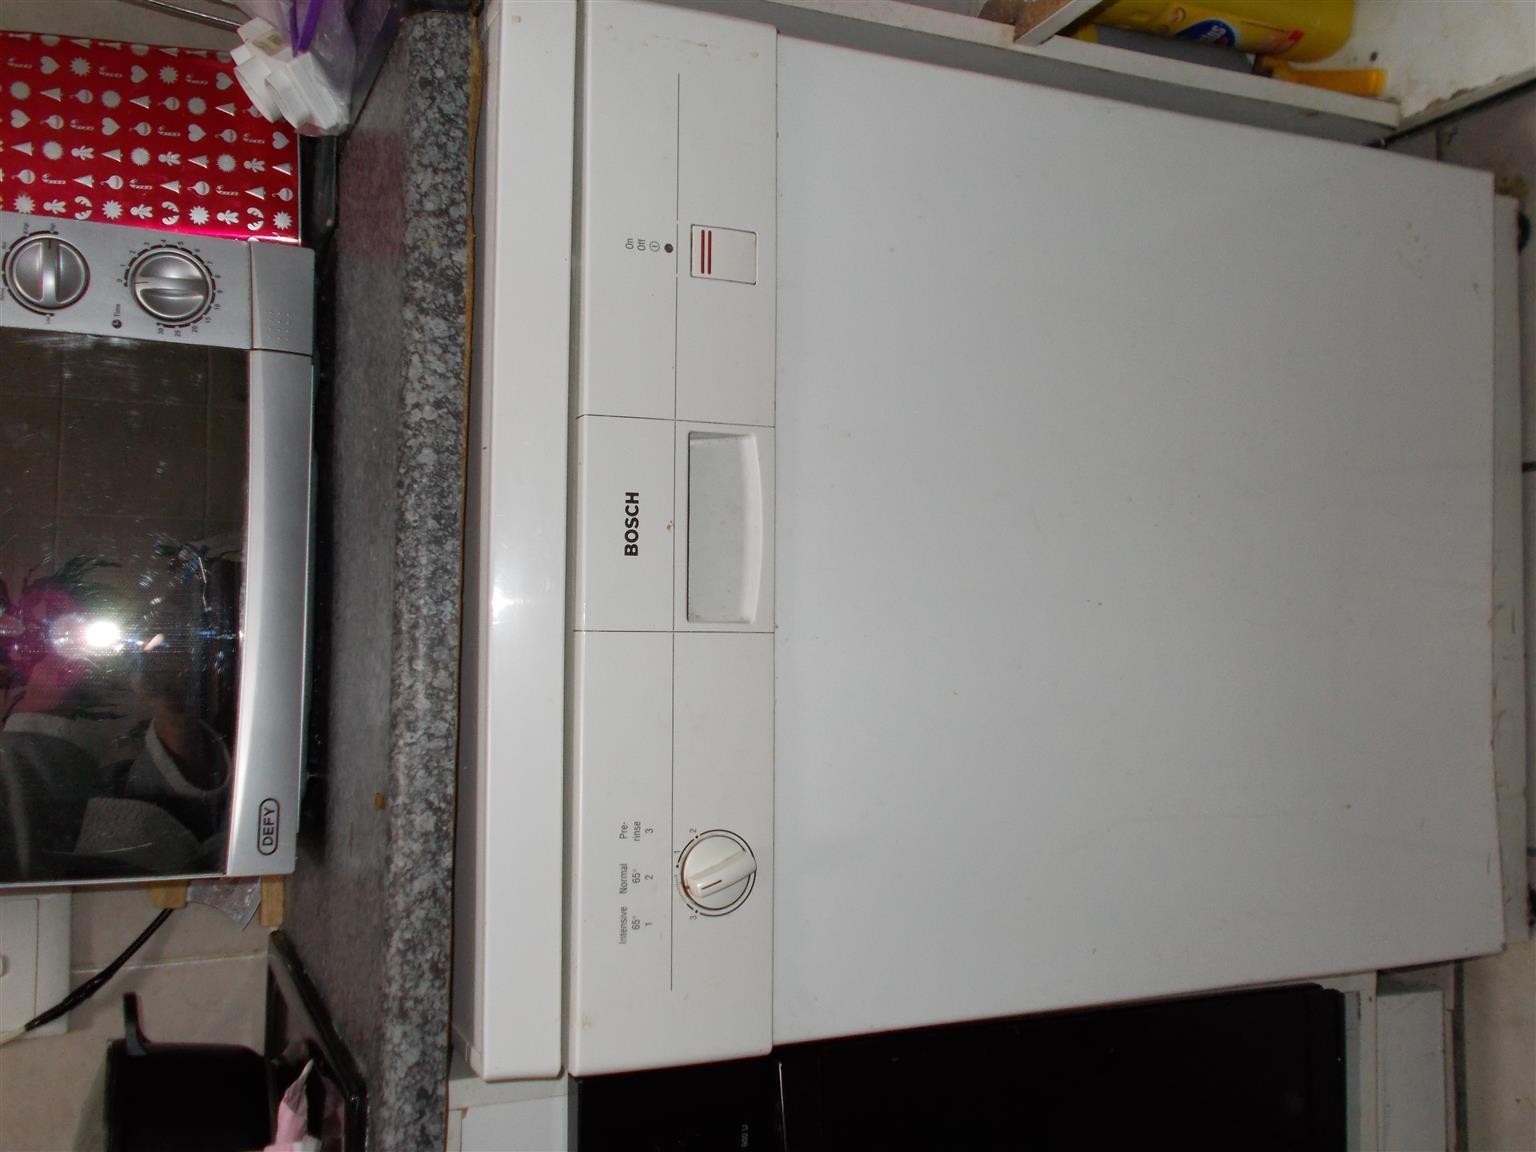 Bosch Dishwasher works perfectly R1500